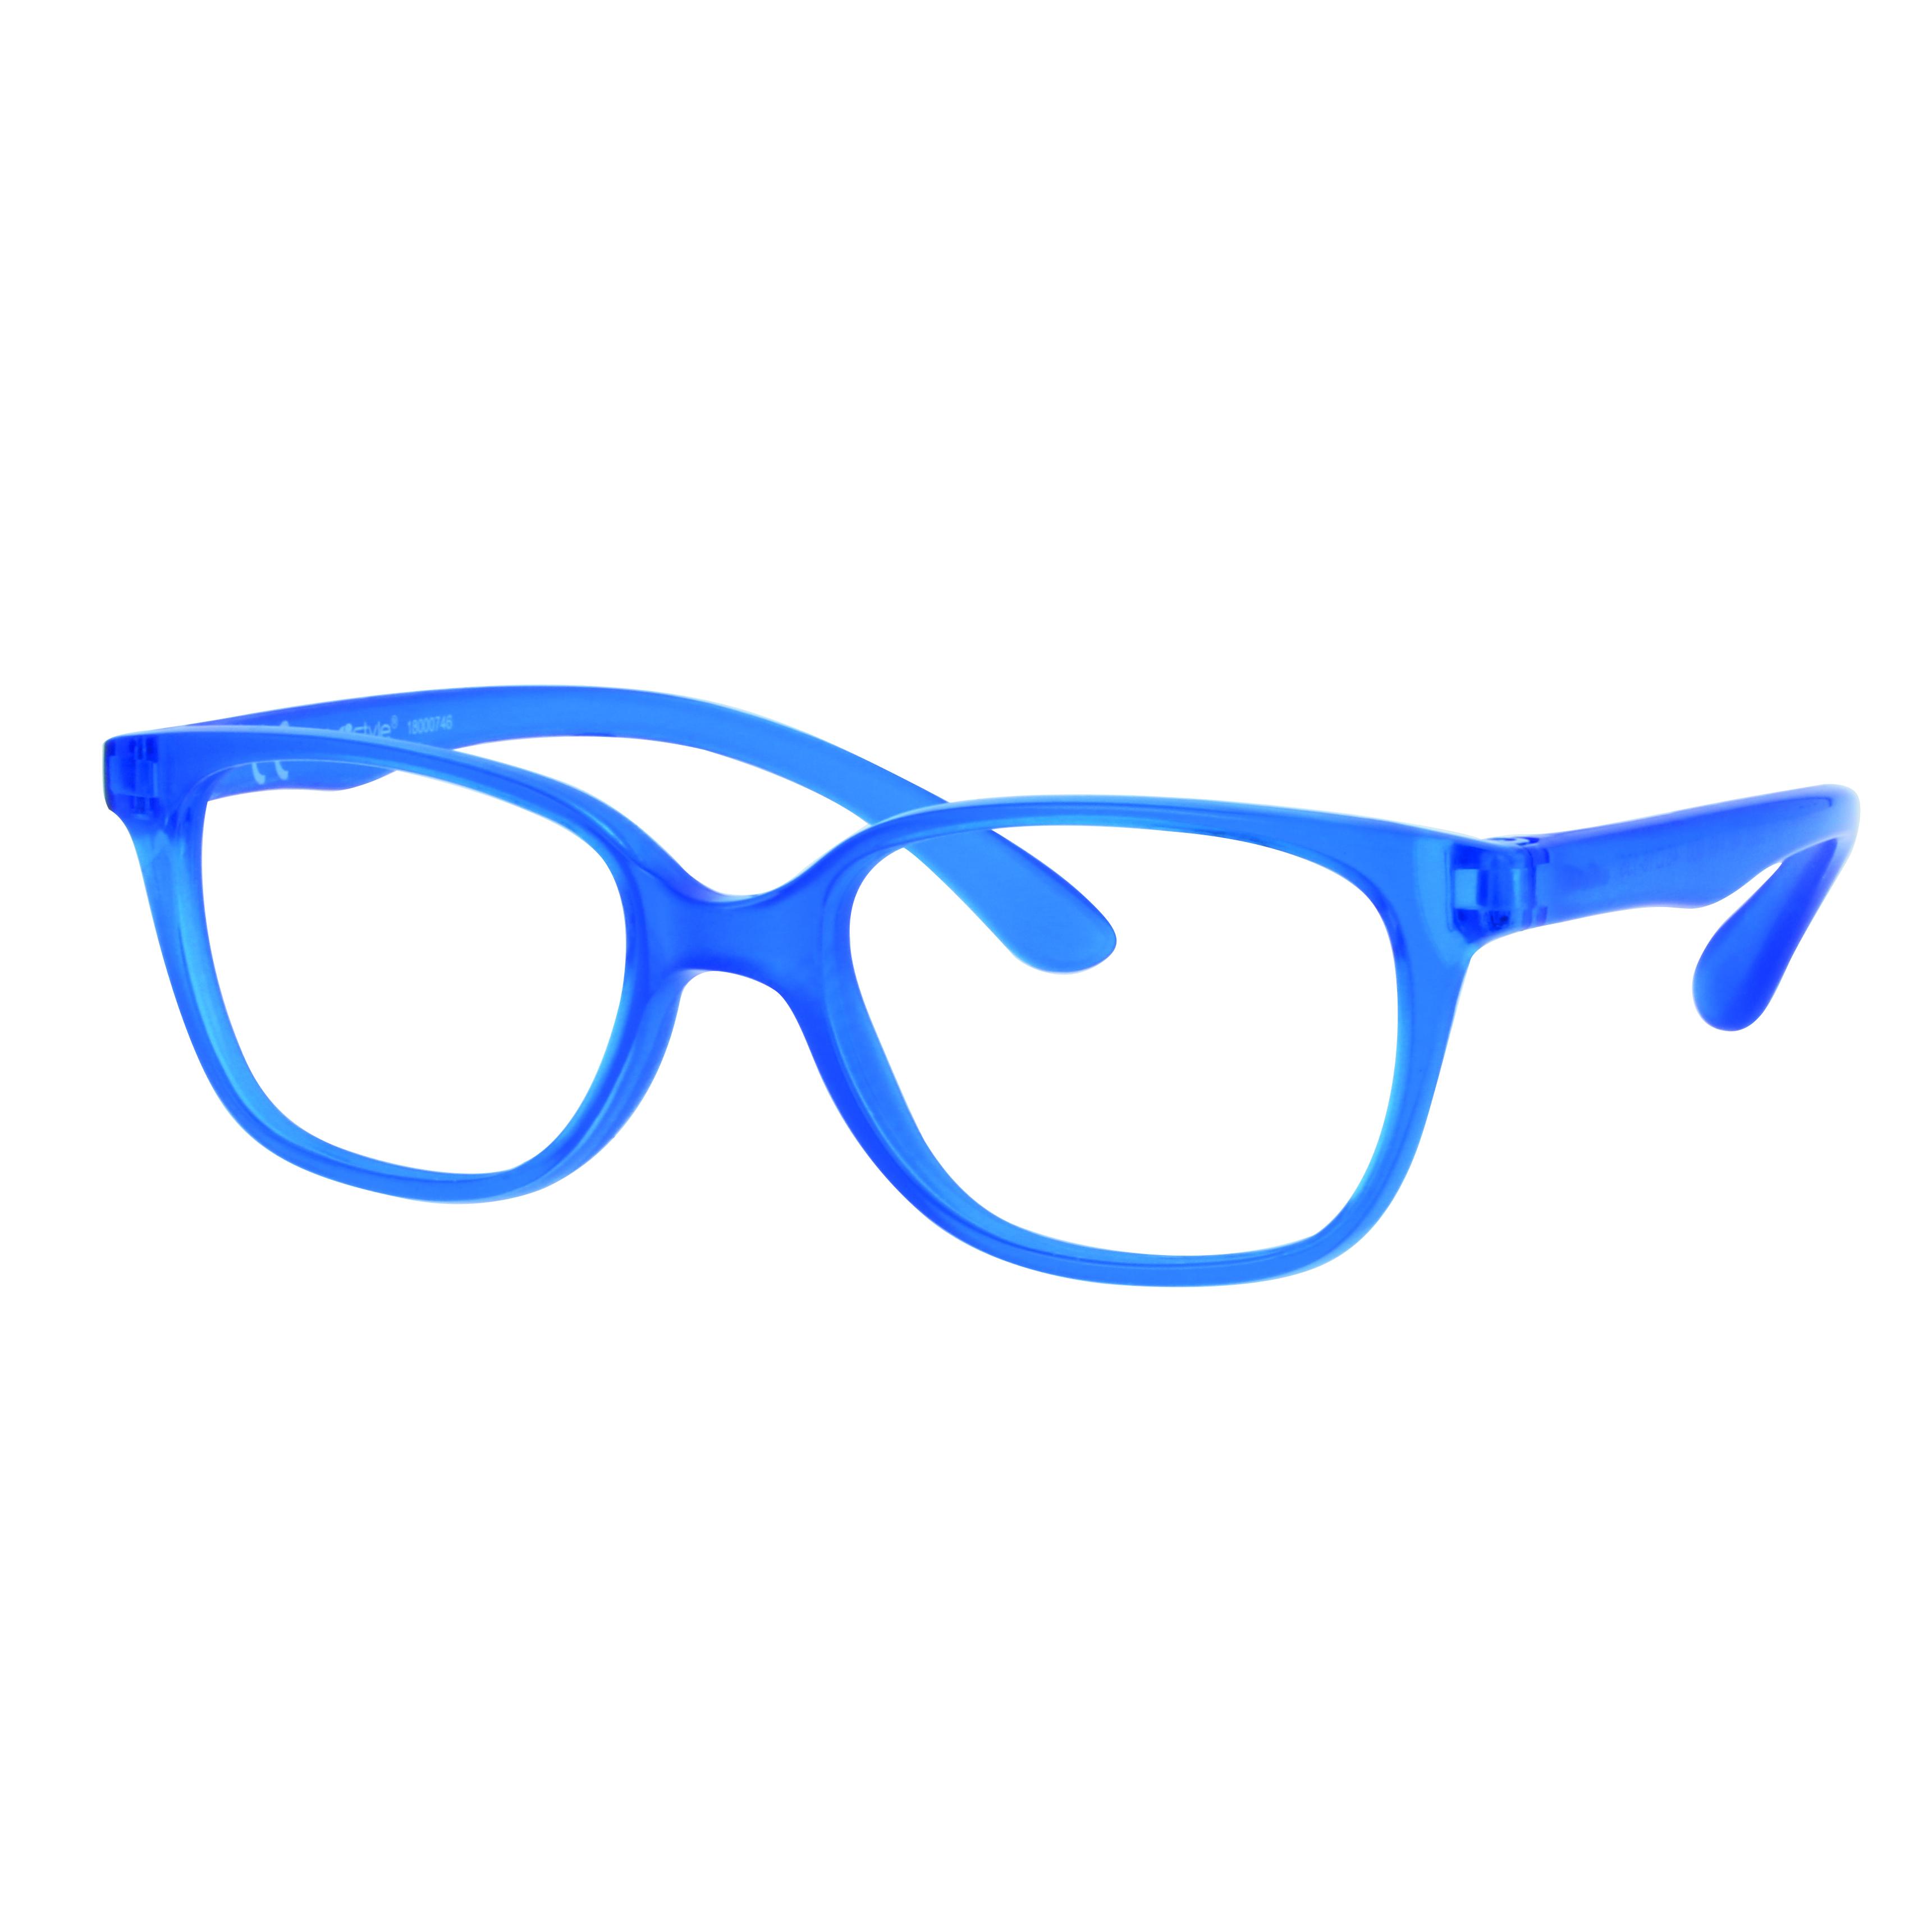 02F008346149000 - Armação Inf Active Rubber TR90/Goma 46x16 Azul Mod F008346149000  -Contém 1 Peça